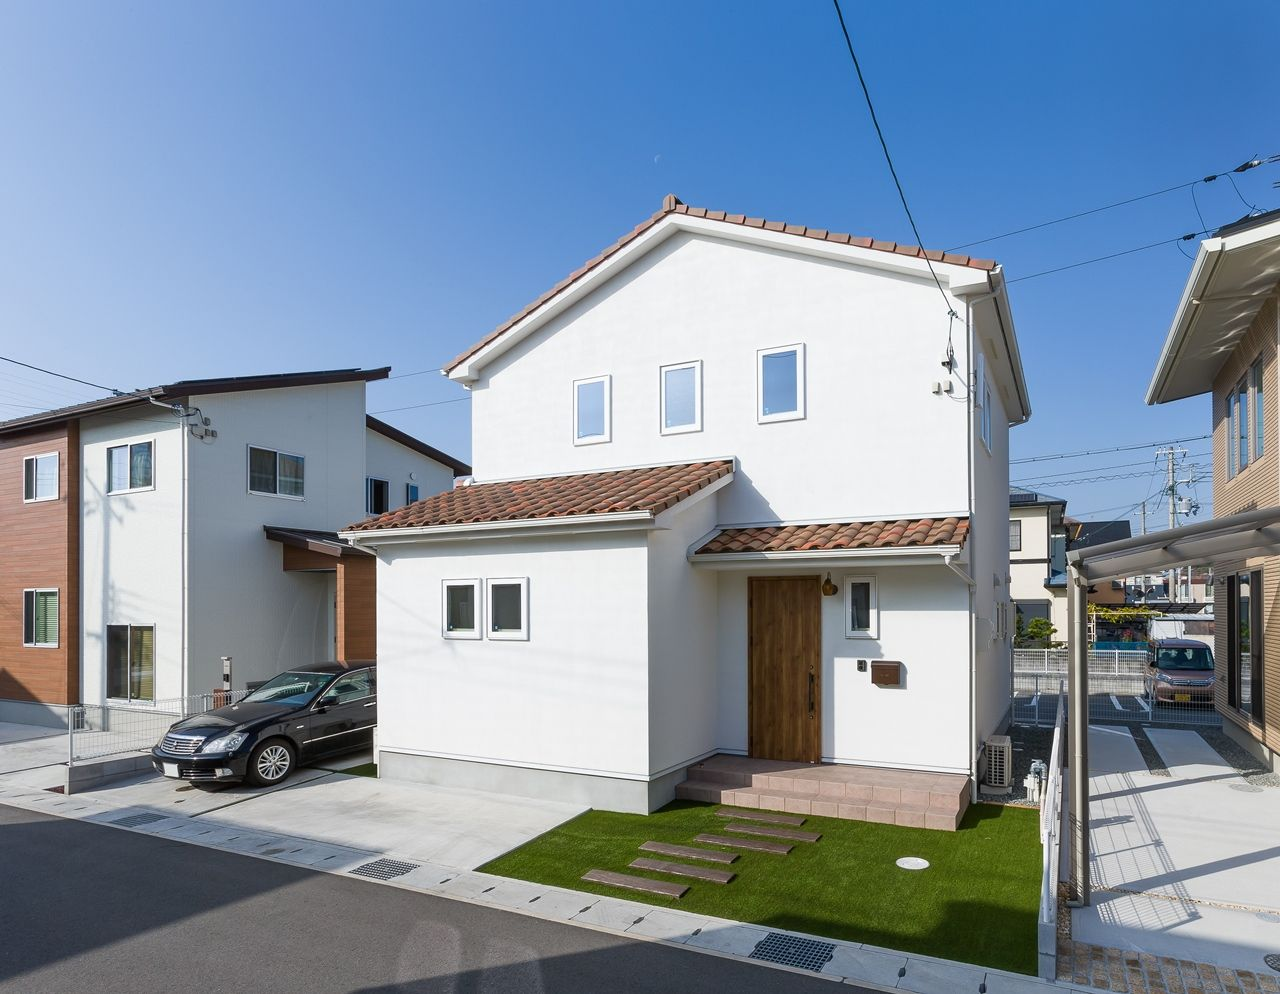 アイスタイル 姫路 新築 戸建て 自然素材 健康住宅 注文住宅